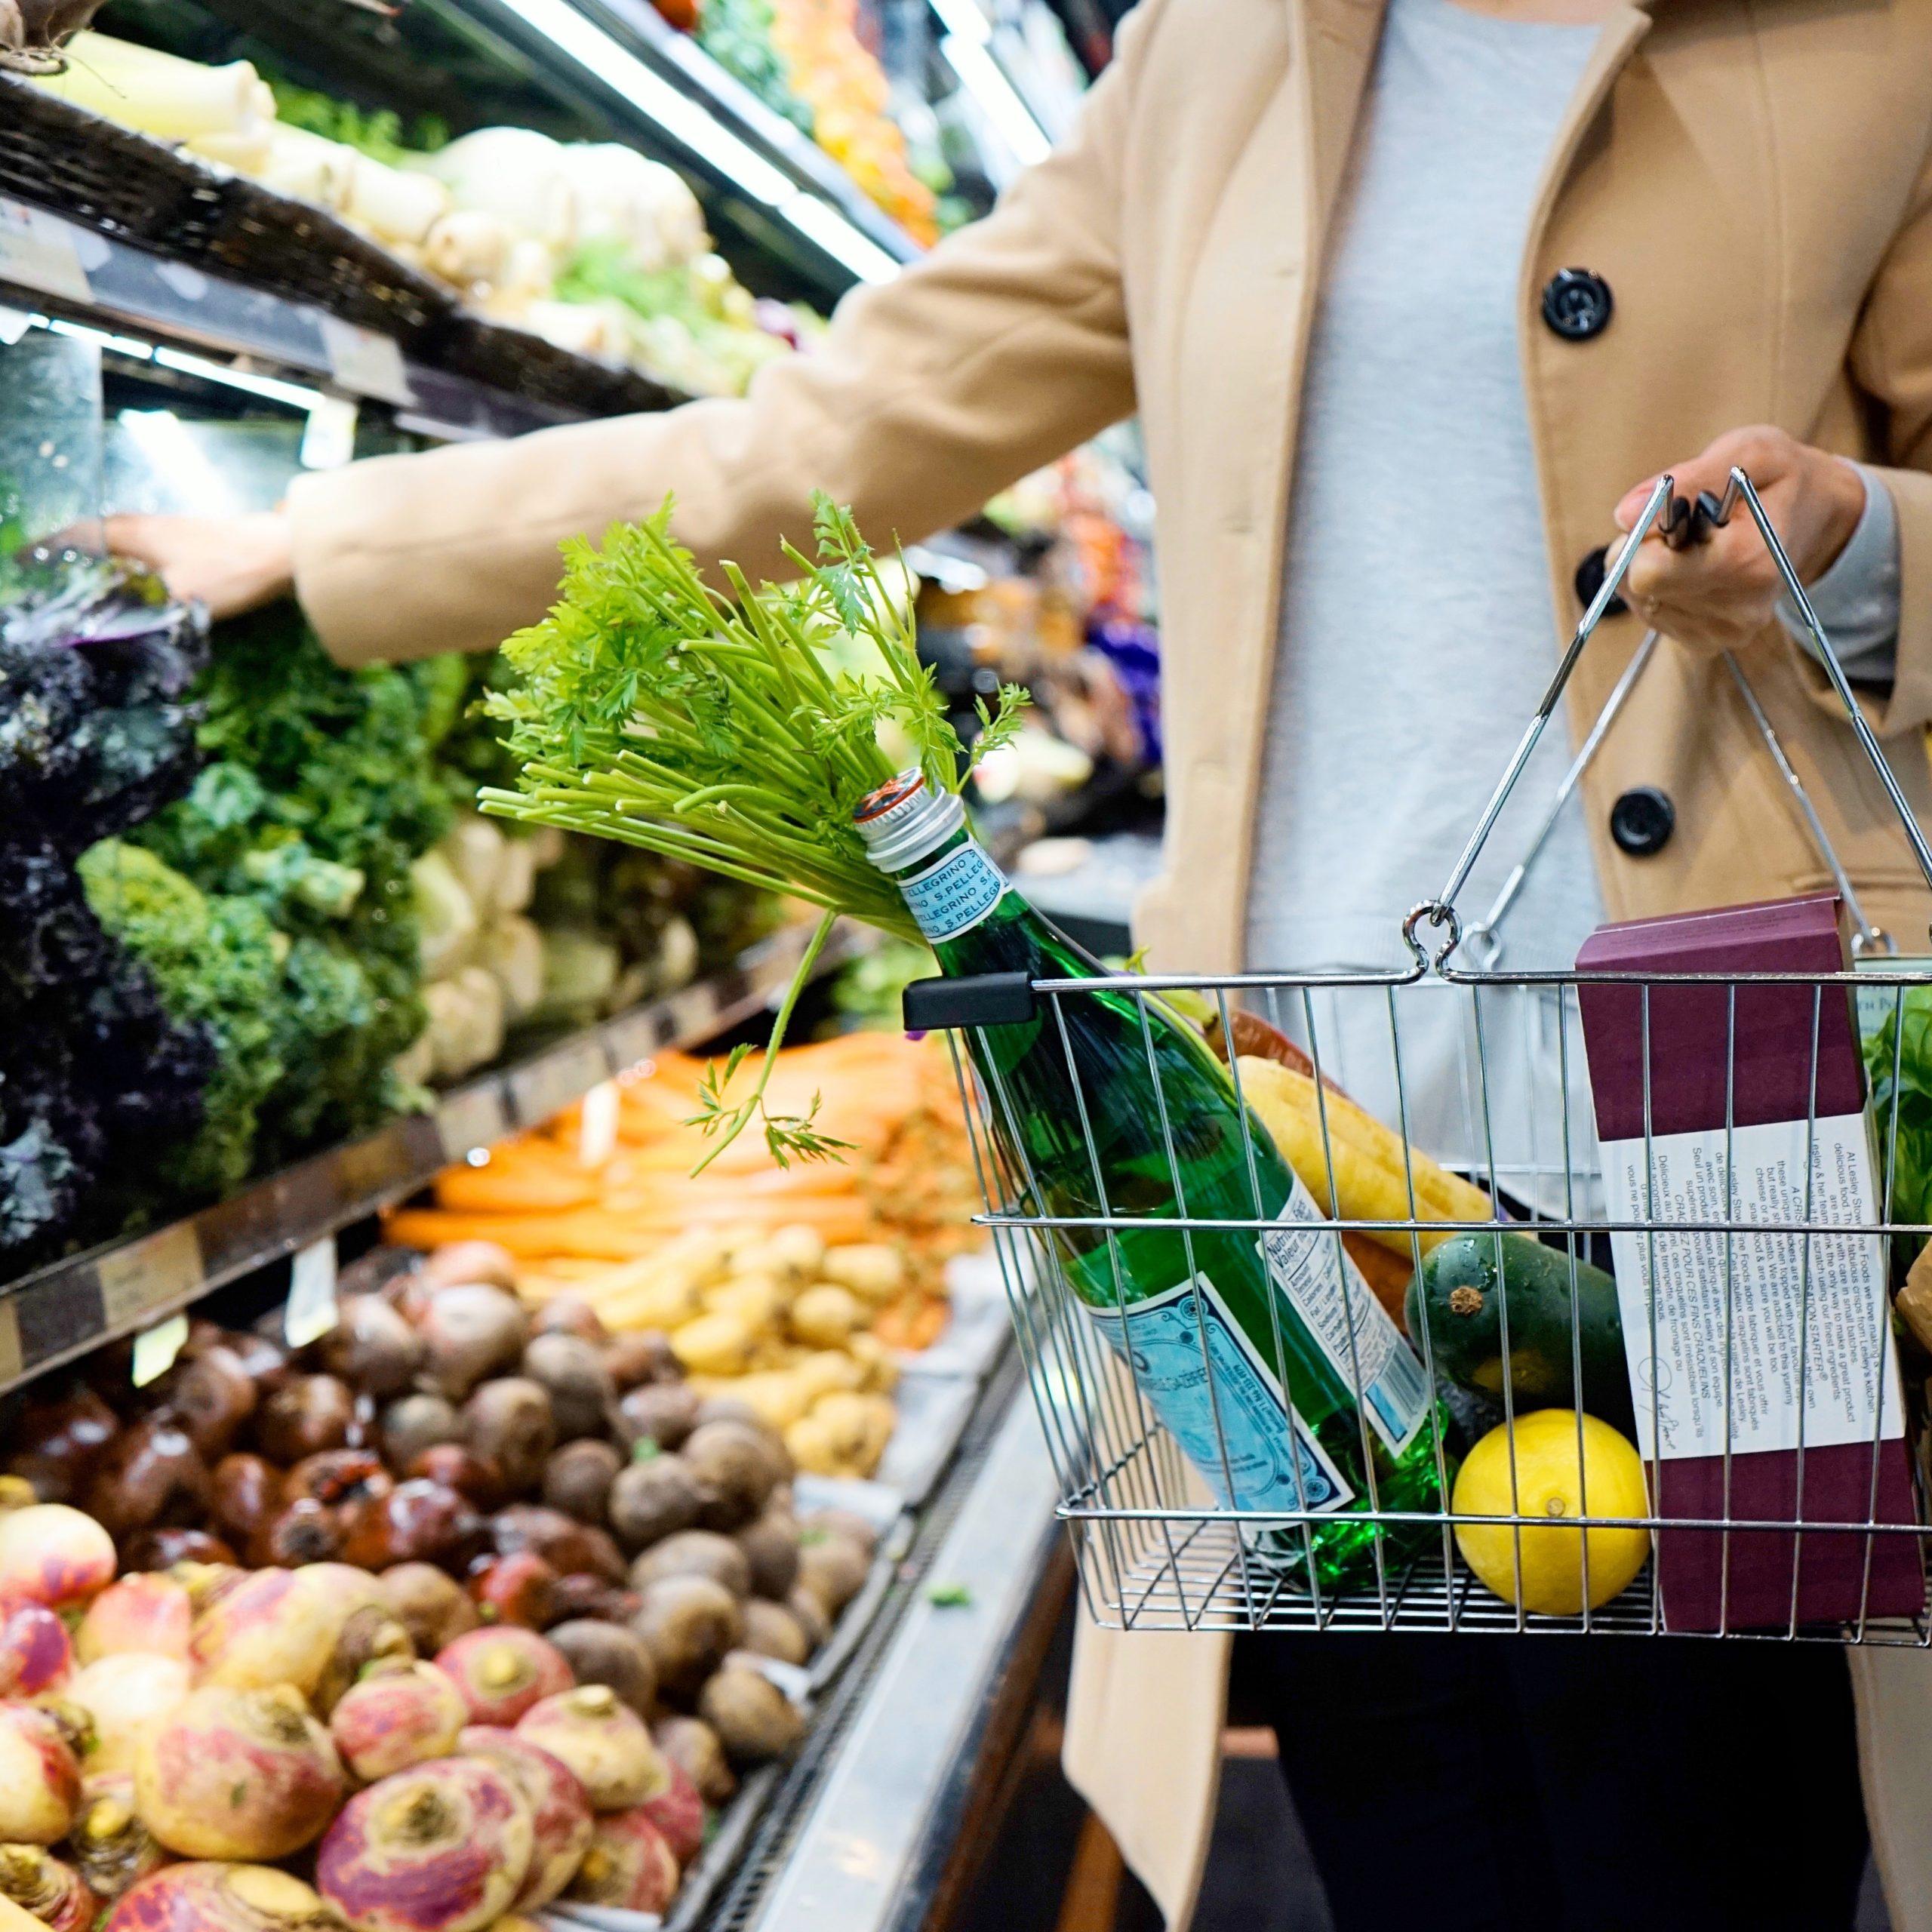 5 Ways to Save Money on Gluten Free Groceries